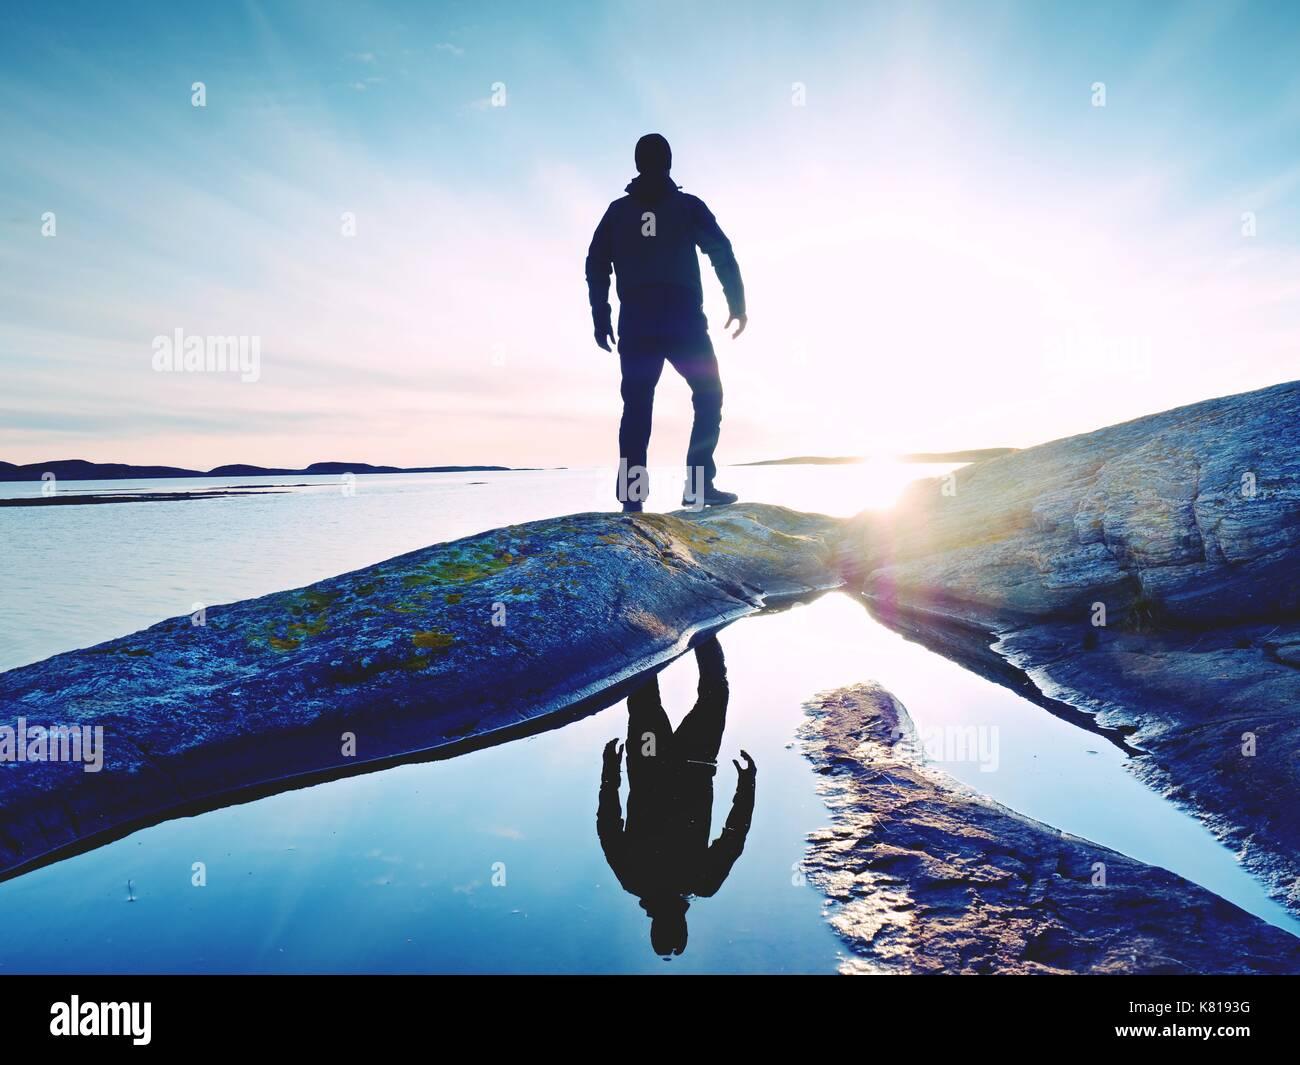 Hohe backpacker Durchsichtige sonnigen Frühling daybreak über Meer. Wanderer mit Rucksack stehen auf felsigen Ufer und seine Figur spiegelt sich in Wasser Pool. Wanderer Stockbild